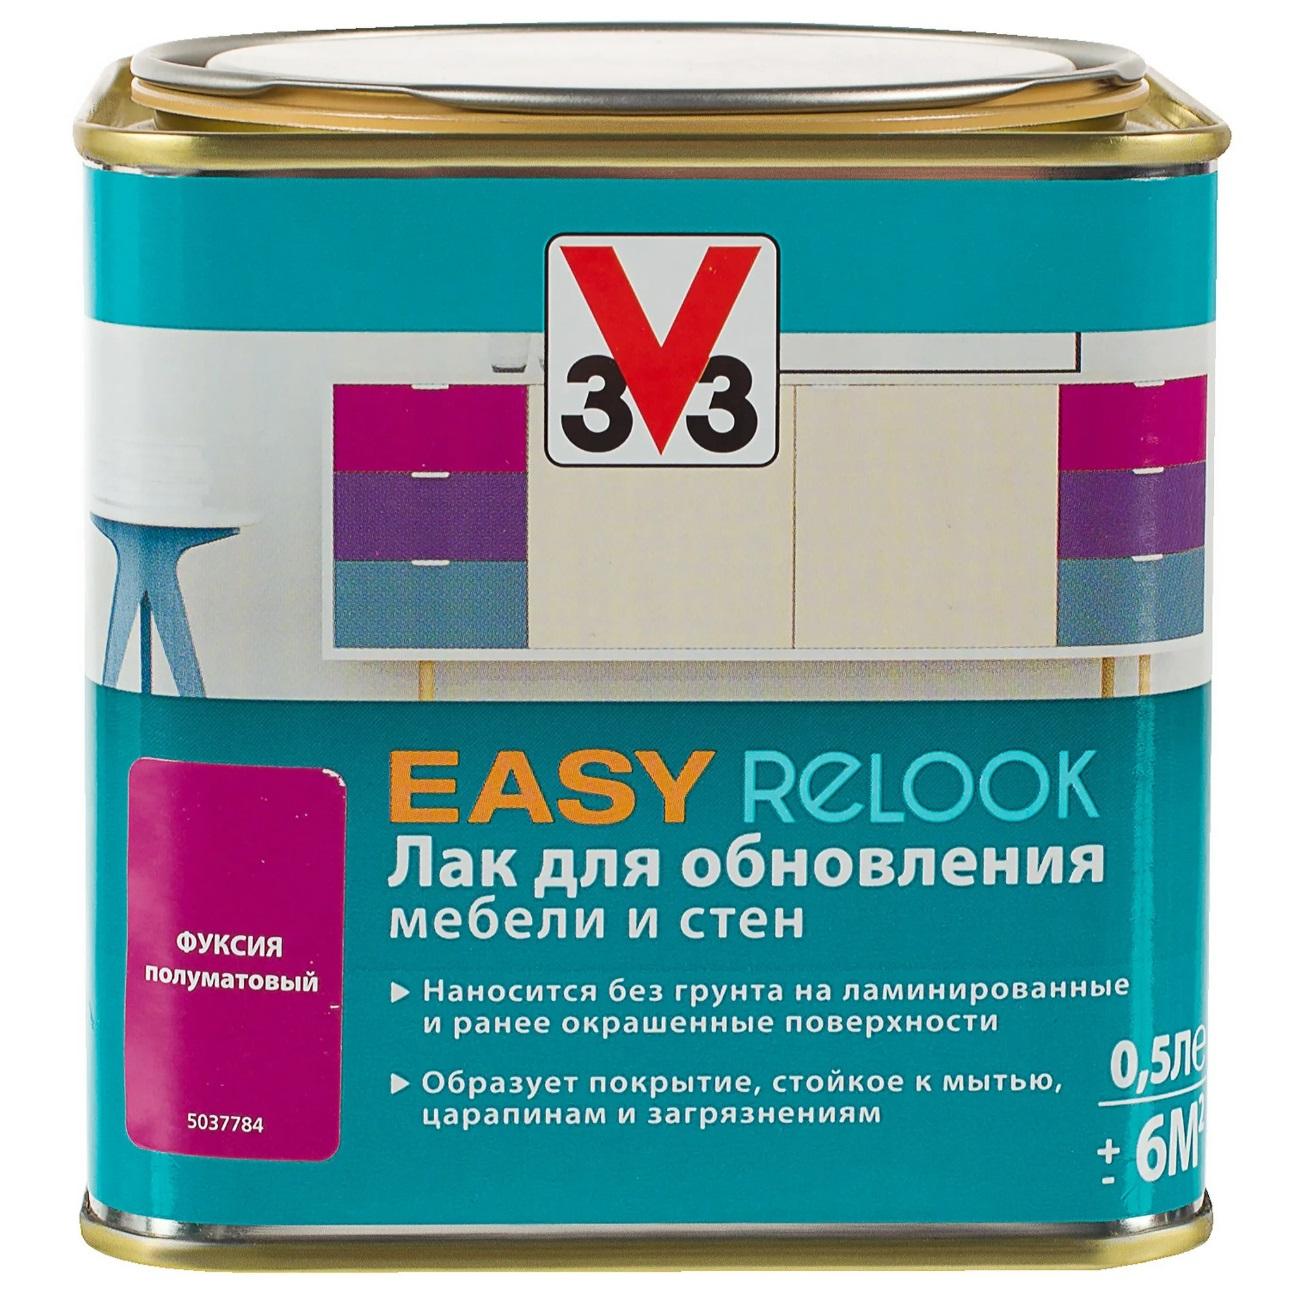 Лак мебельный V33 easy relook фуксия 0.5л лак для мебели easy relook v33 полуматовая ангора 0 5л